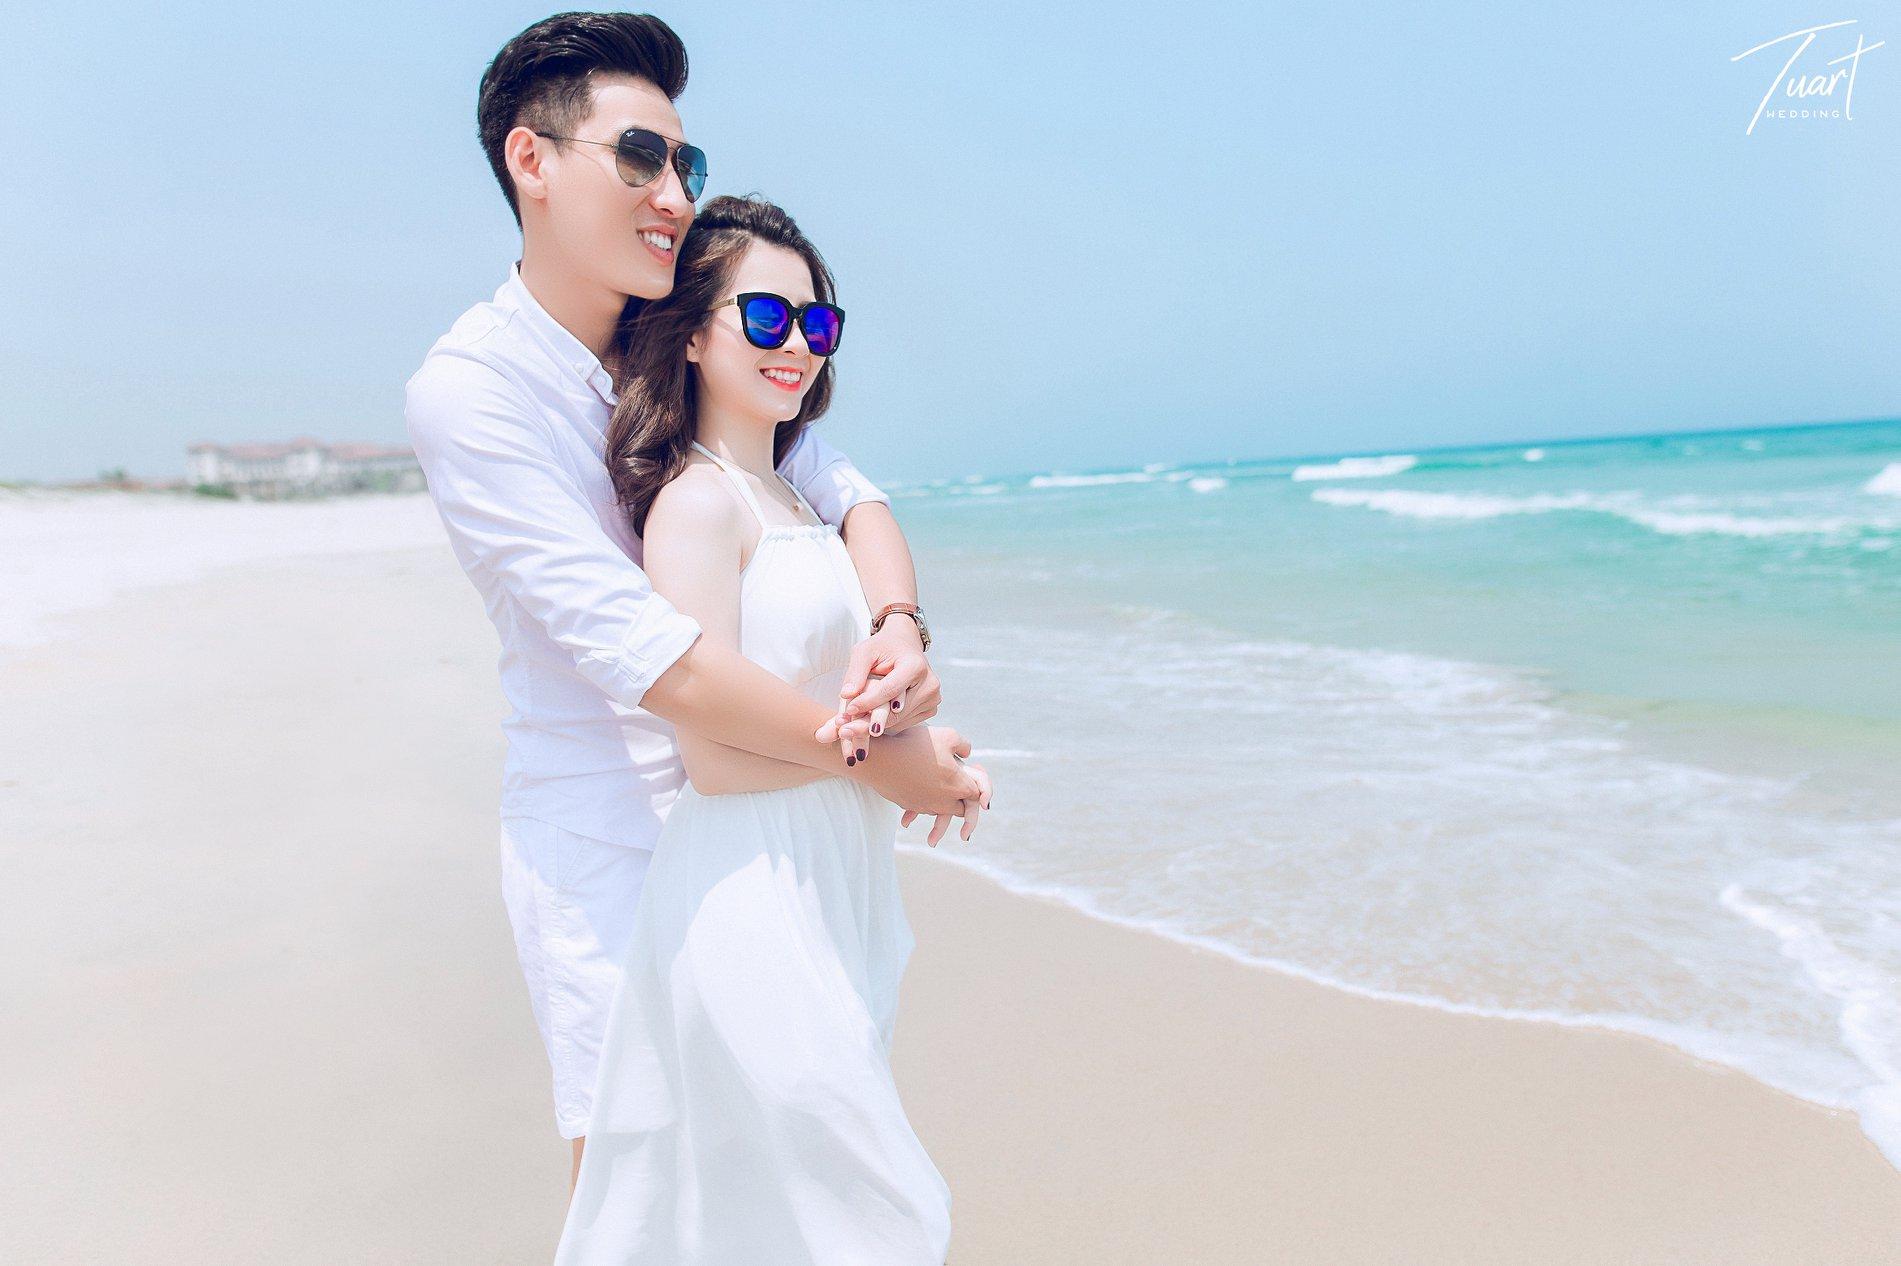 Album chụp ảnh cưới đẹp biển Mỹ Khê: Trang-Khôi 9